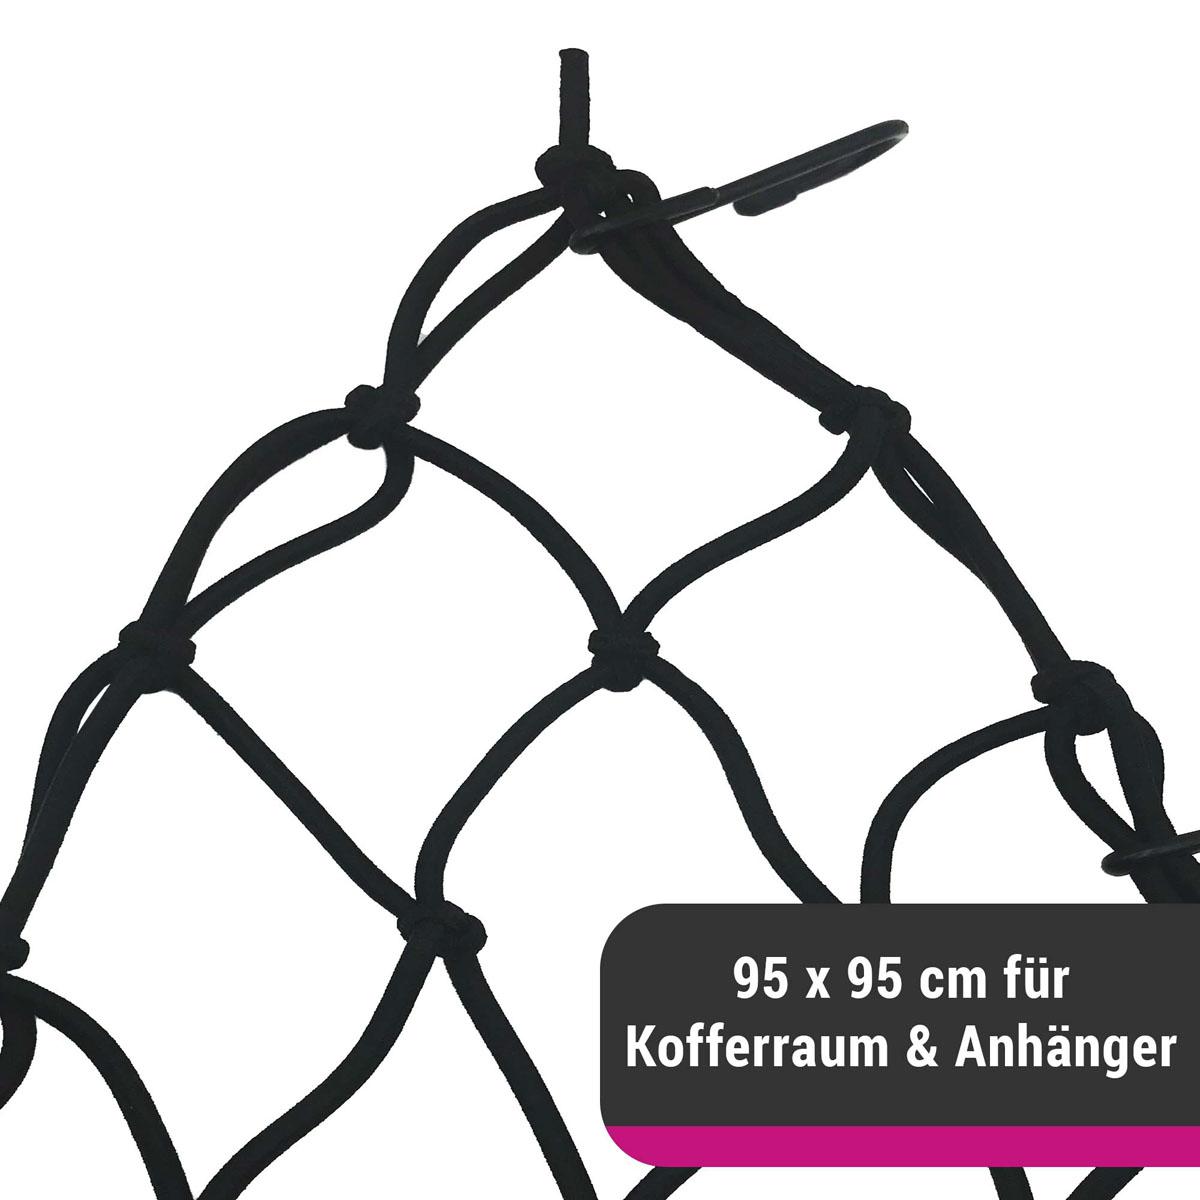 D&W elastisches Gepäcknetz für Kofferraum oder Anhänger 95 x 95 cm